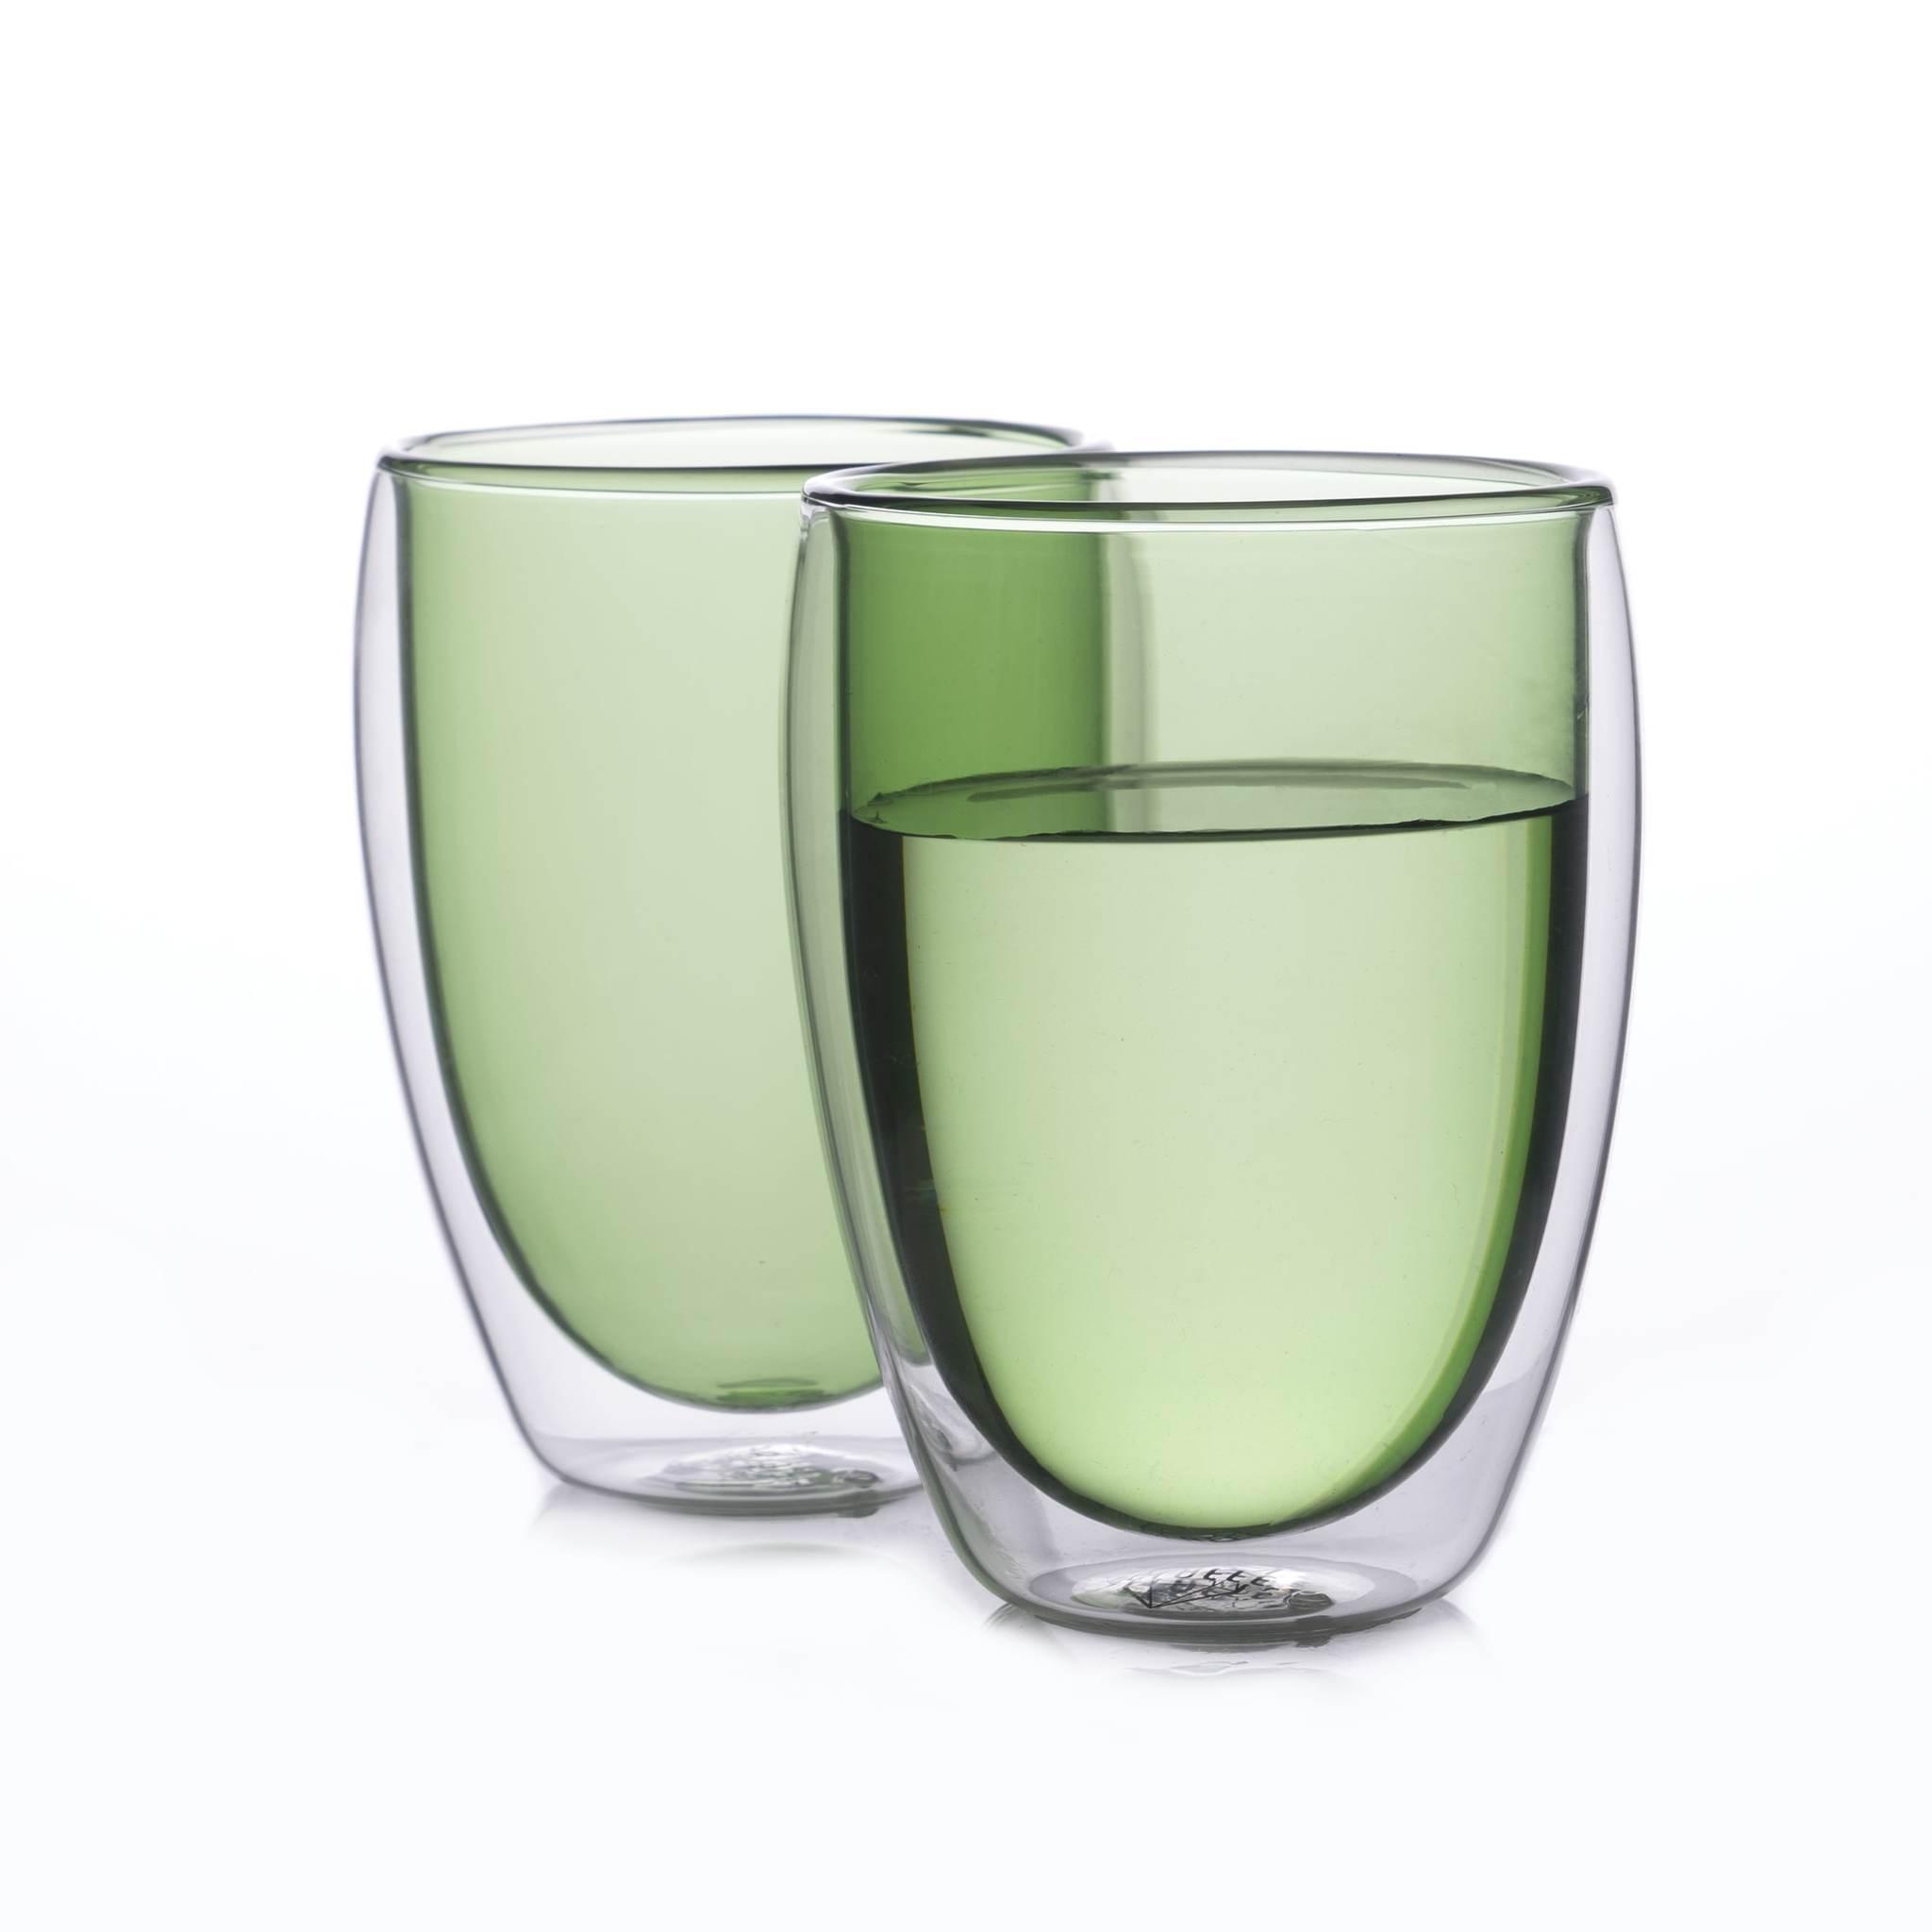 Наборы-Акции Набор стаканов из двойного стекла зеленого цвета 350 мл, 2 шт. зеленый2-min.jpg